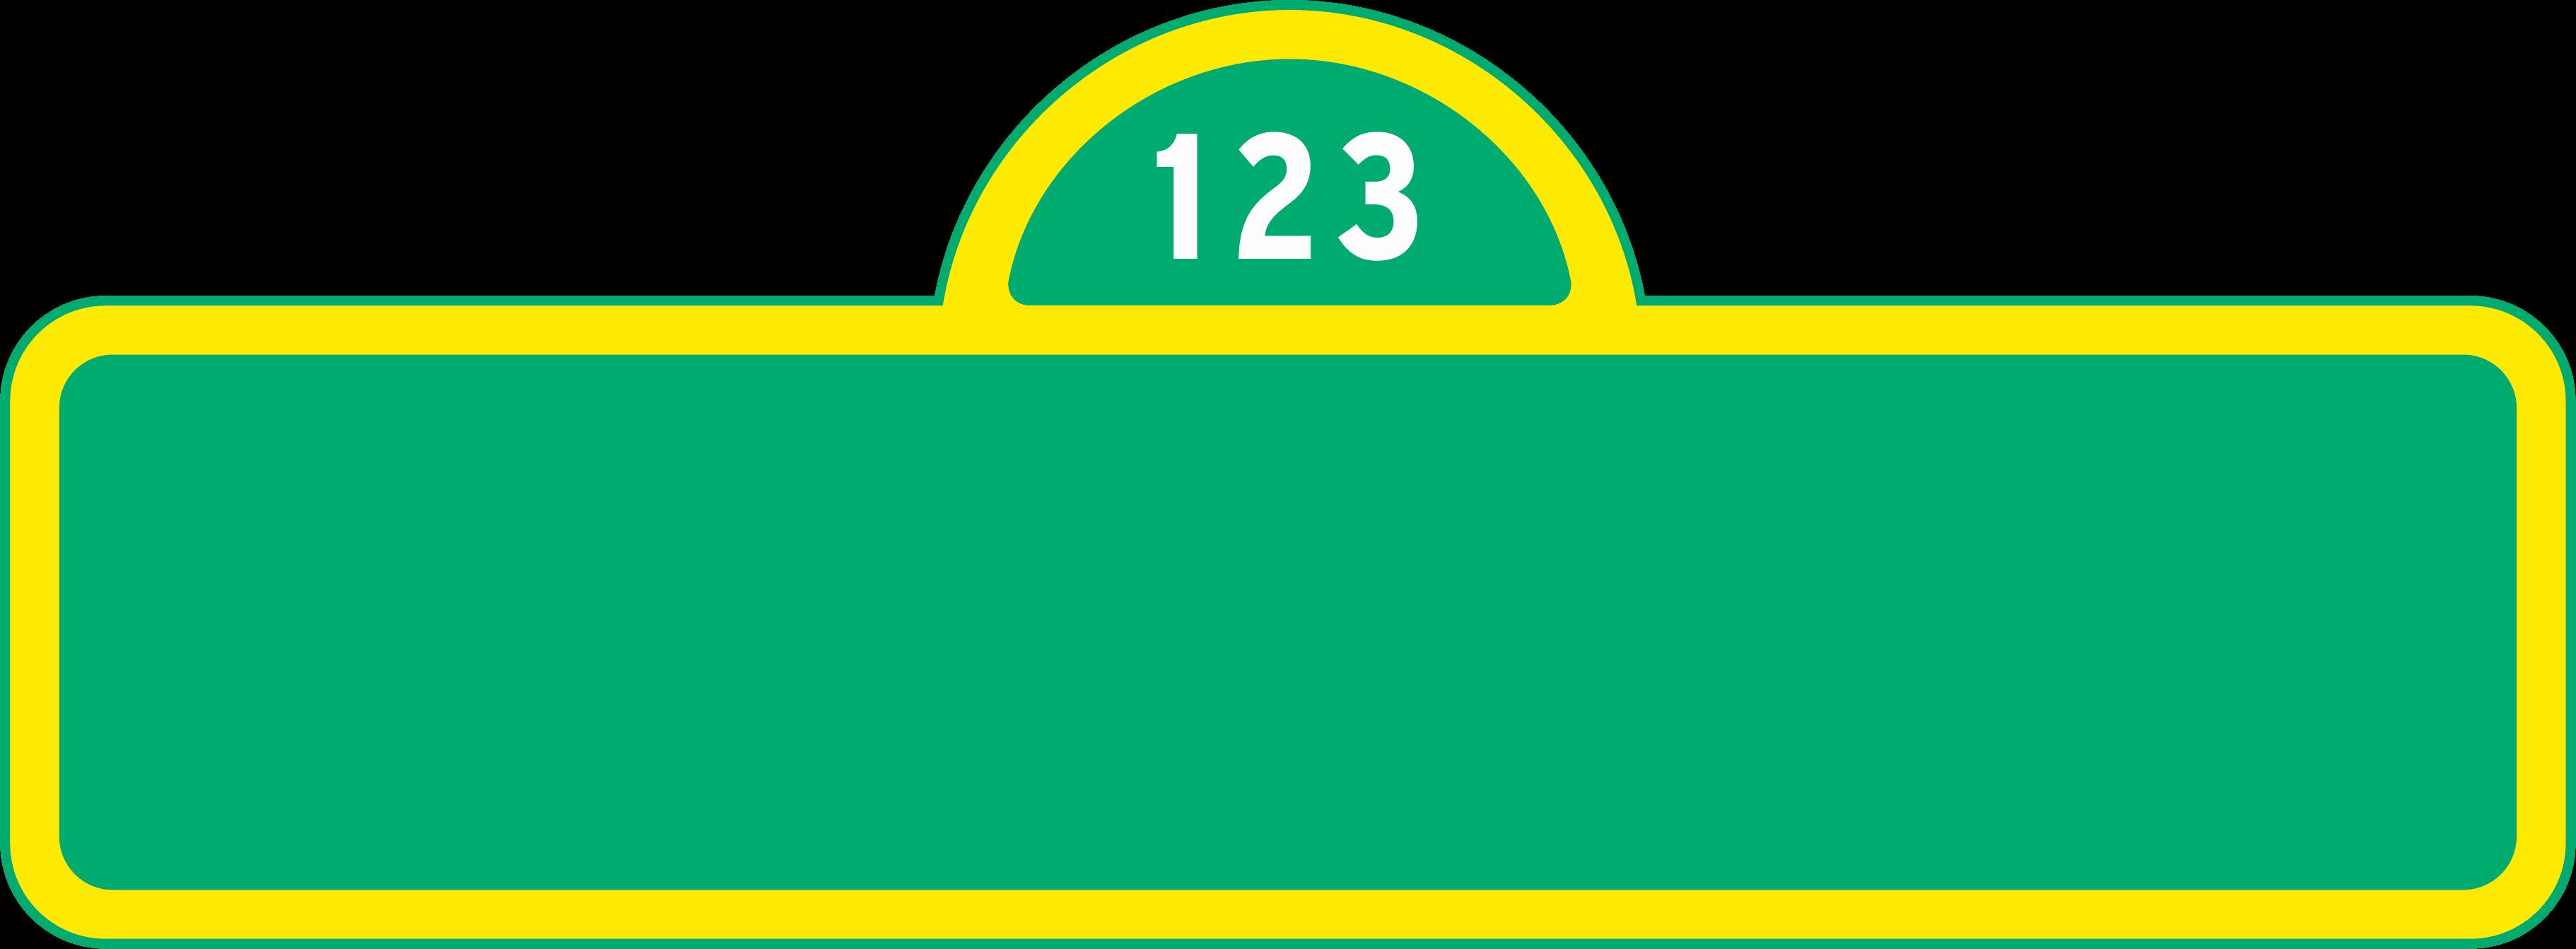 Sesame Street Sign Template | Template Modern Design - Free Printable Sesame Street Sign Template